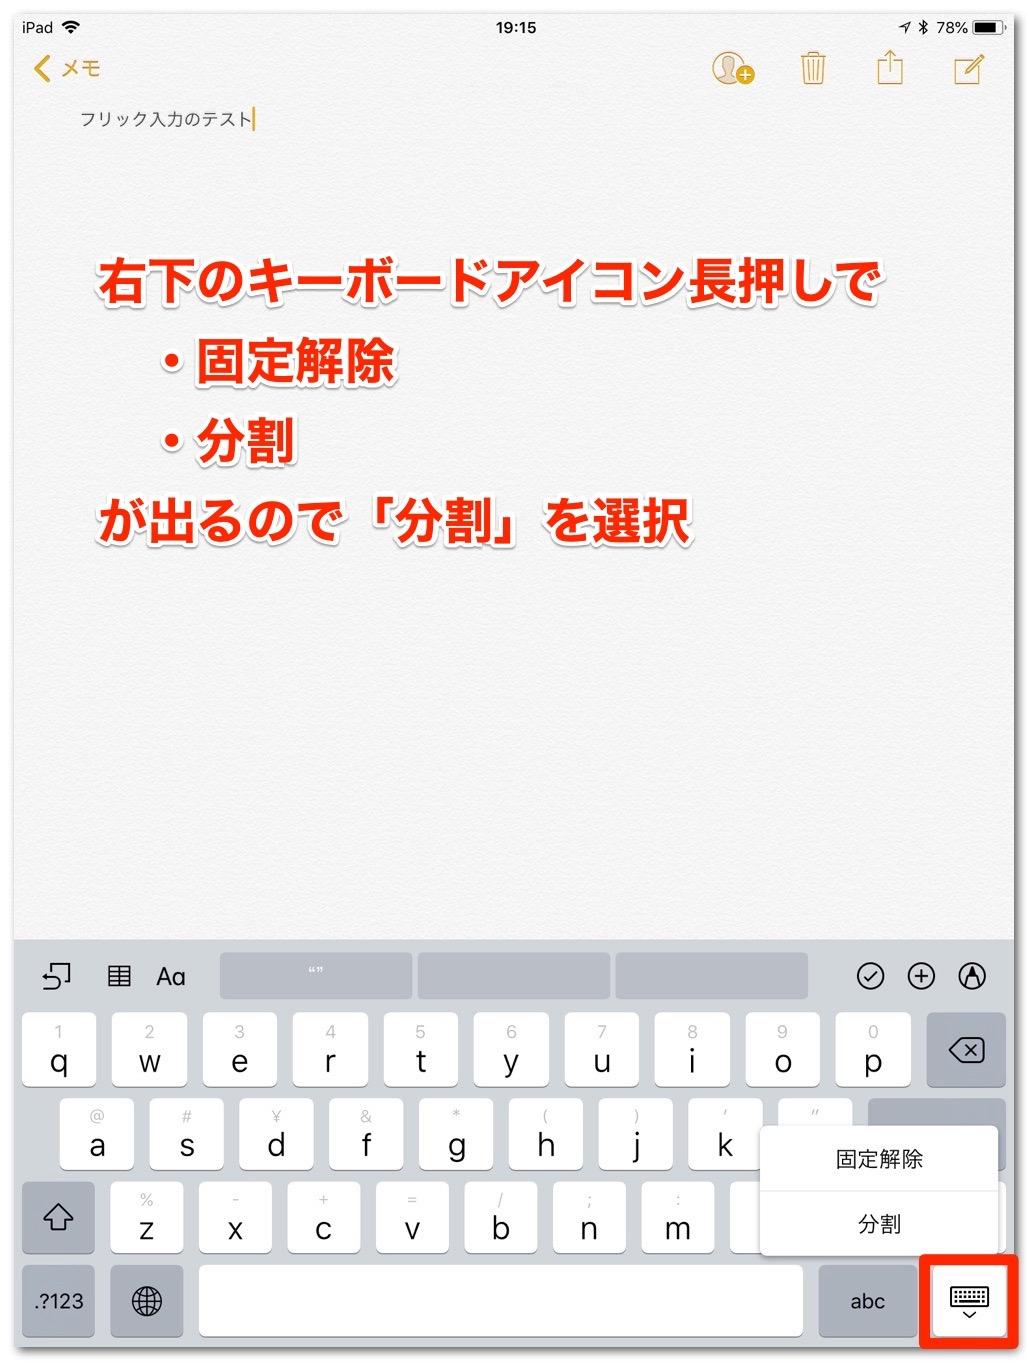 180519 ipad devided keyboard 03